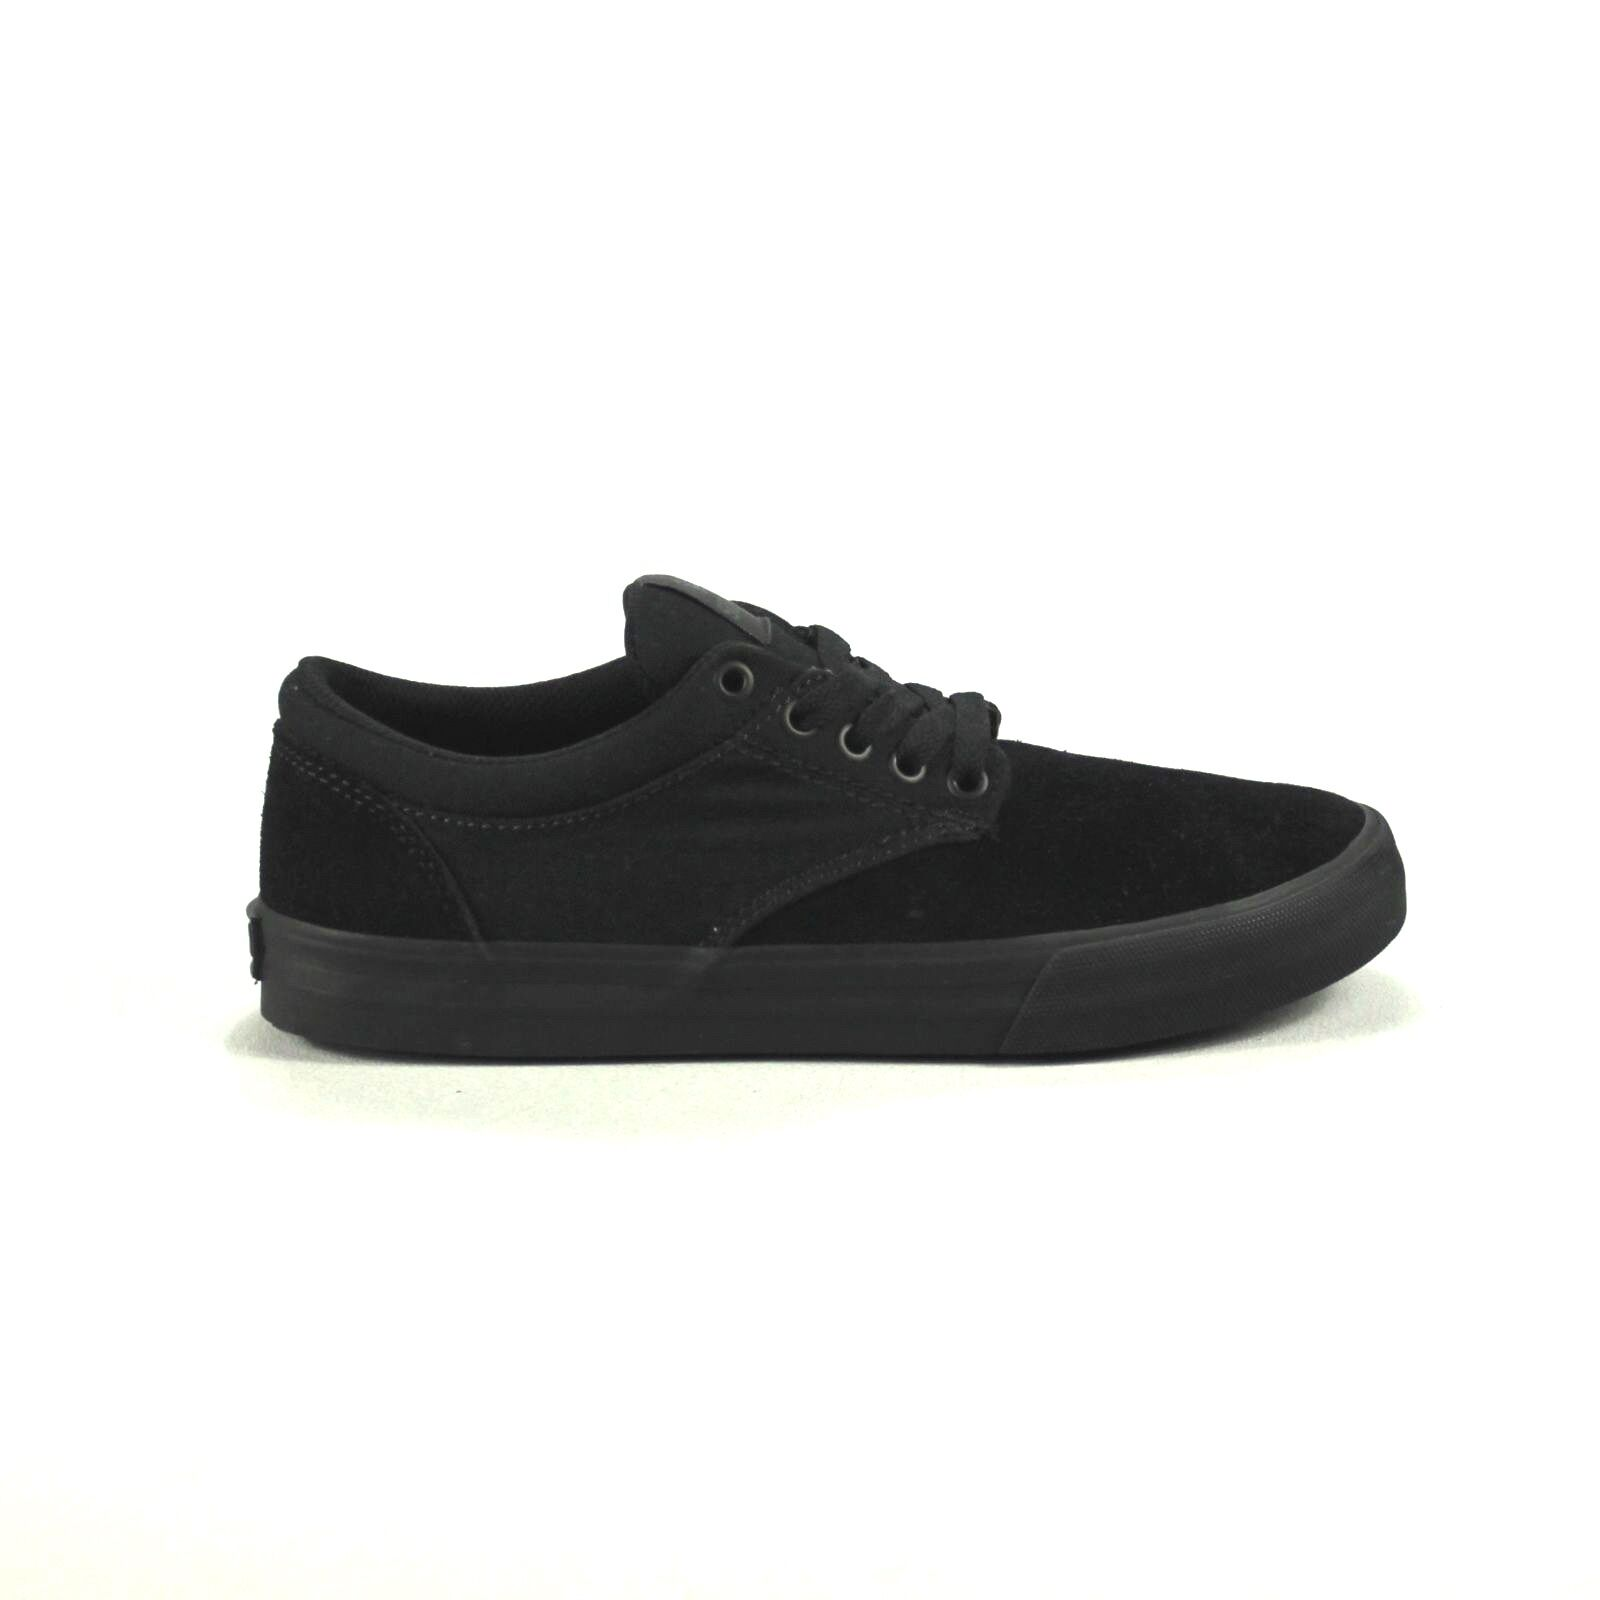 Supra chino Zapatillas de Skate nuevo en caja Negro/Negro en tamaño de Reino Unido 7,9